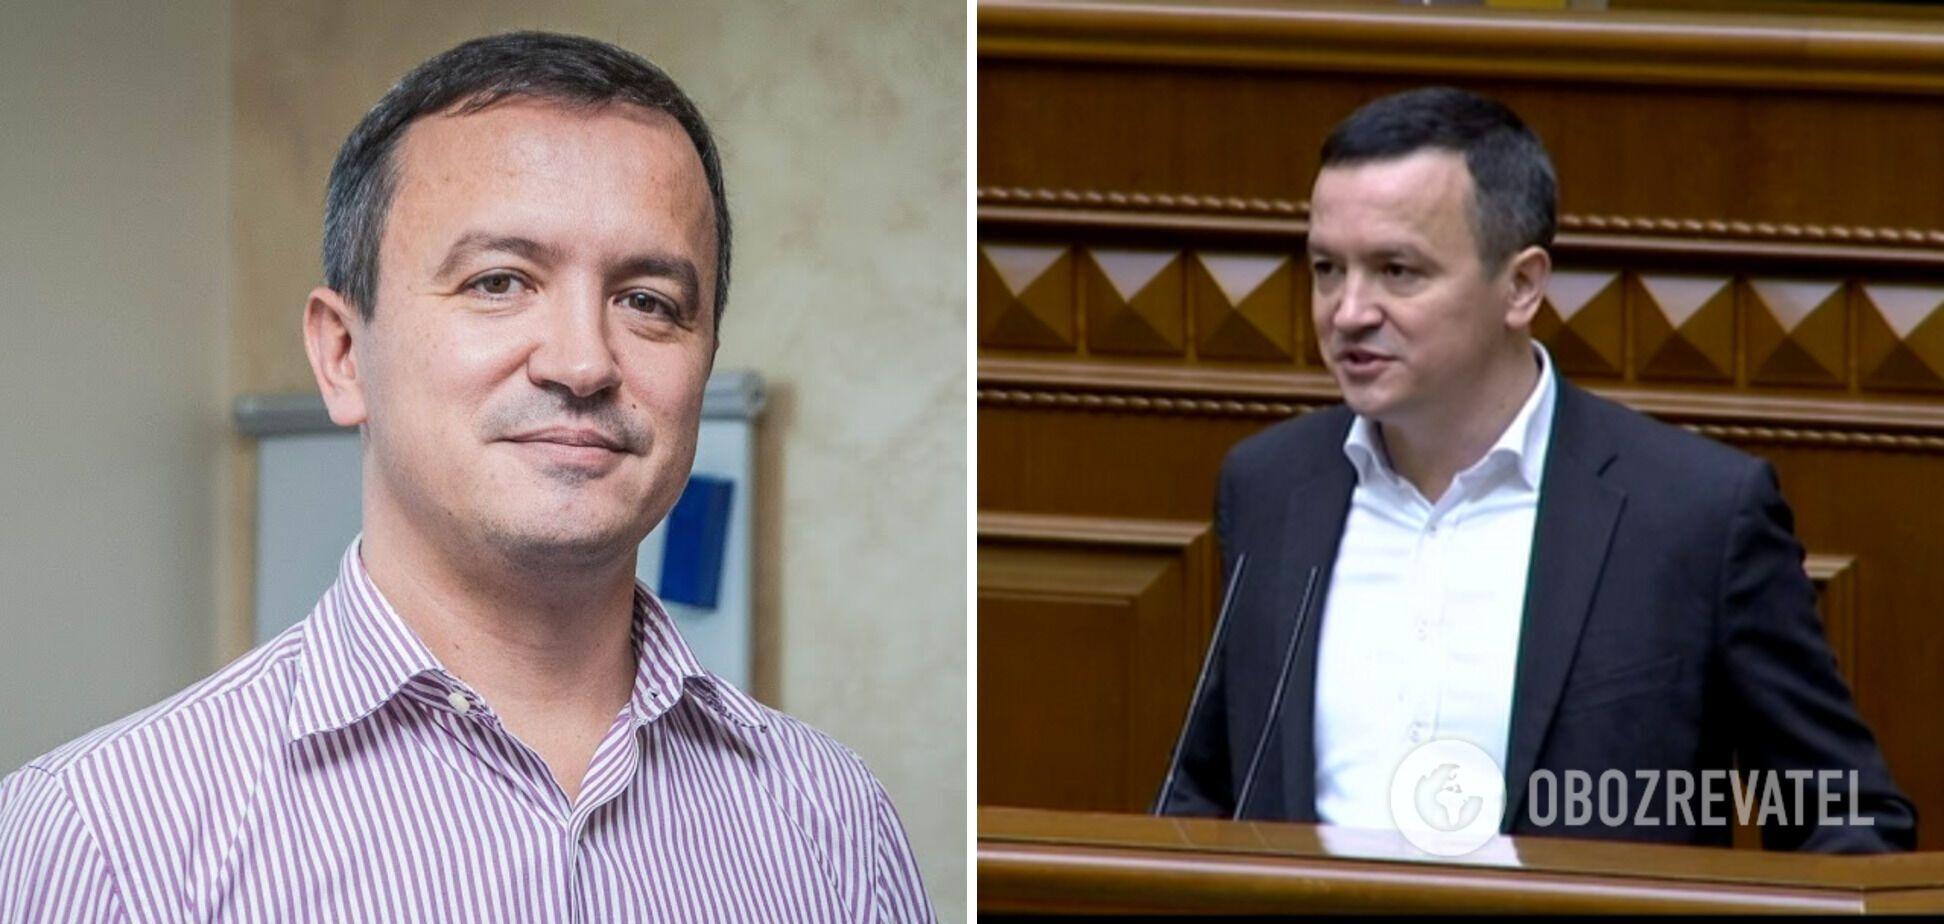 Петрашко написав заяву на звільнення.